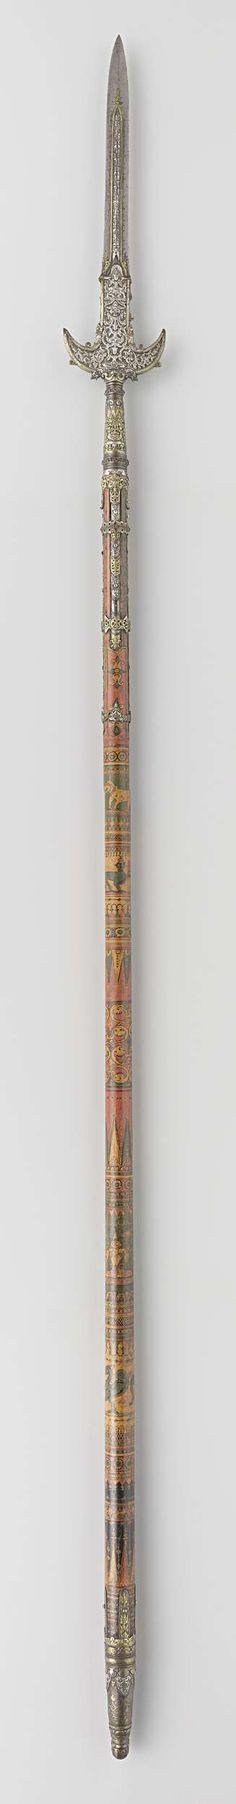 | Partizaan van het wapenrek door Indische groten geschonken aan Gouverneur-Generaal J.C. baron Baud, c. 1700 - c. 1800 | Zeer grote met zilver beslagen partizaan, de schacht beschilderd in zwart, rood, geel en groen met voorstellingen van olifanten, boddhisattva's, menselijke figuren en geometrische motieven op de punt en het beslag in reliëf Boddhisattva's, ranken, menselijke figuren en monsterkoppen. Bovenaan de schacht drie zilveren banden met robijnen ingezet.